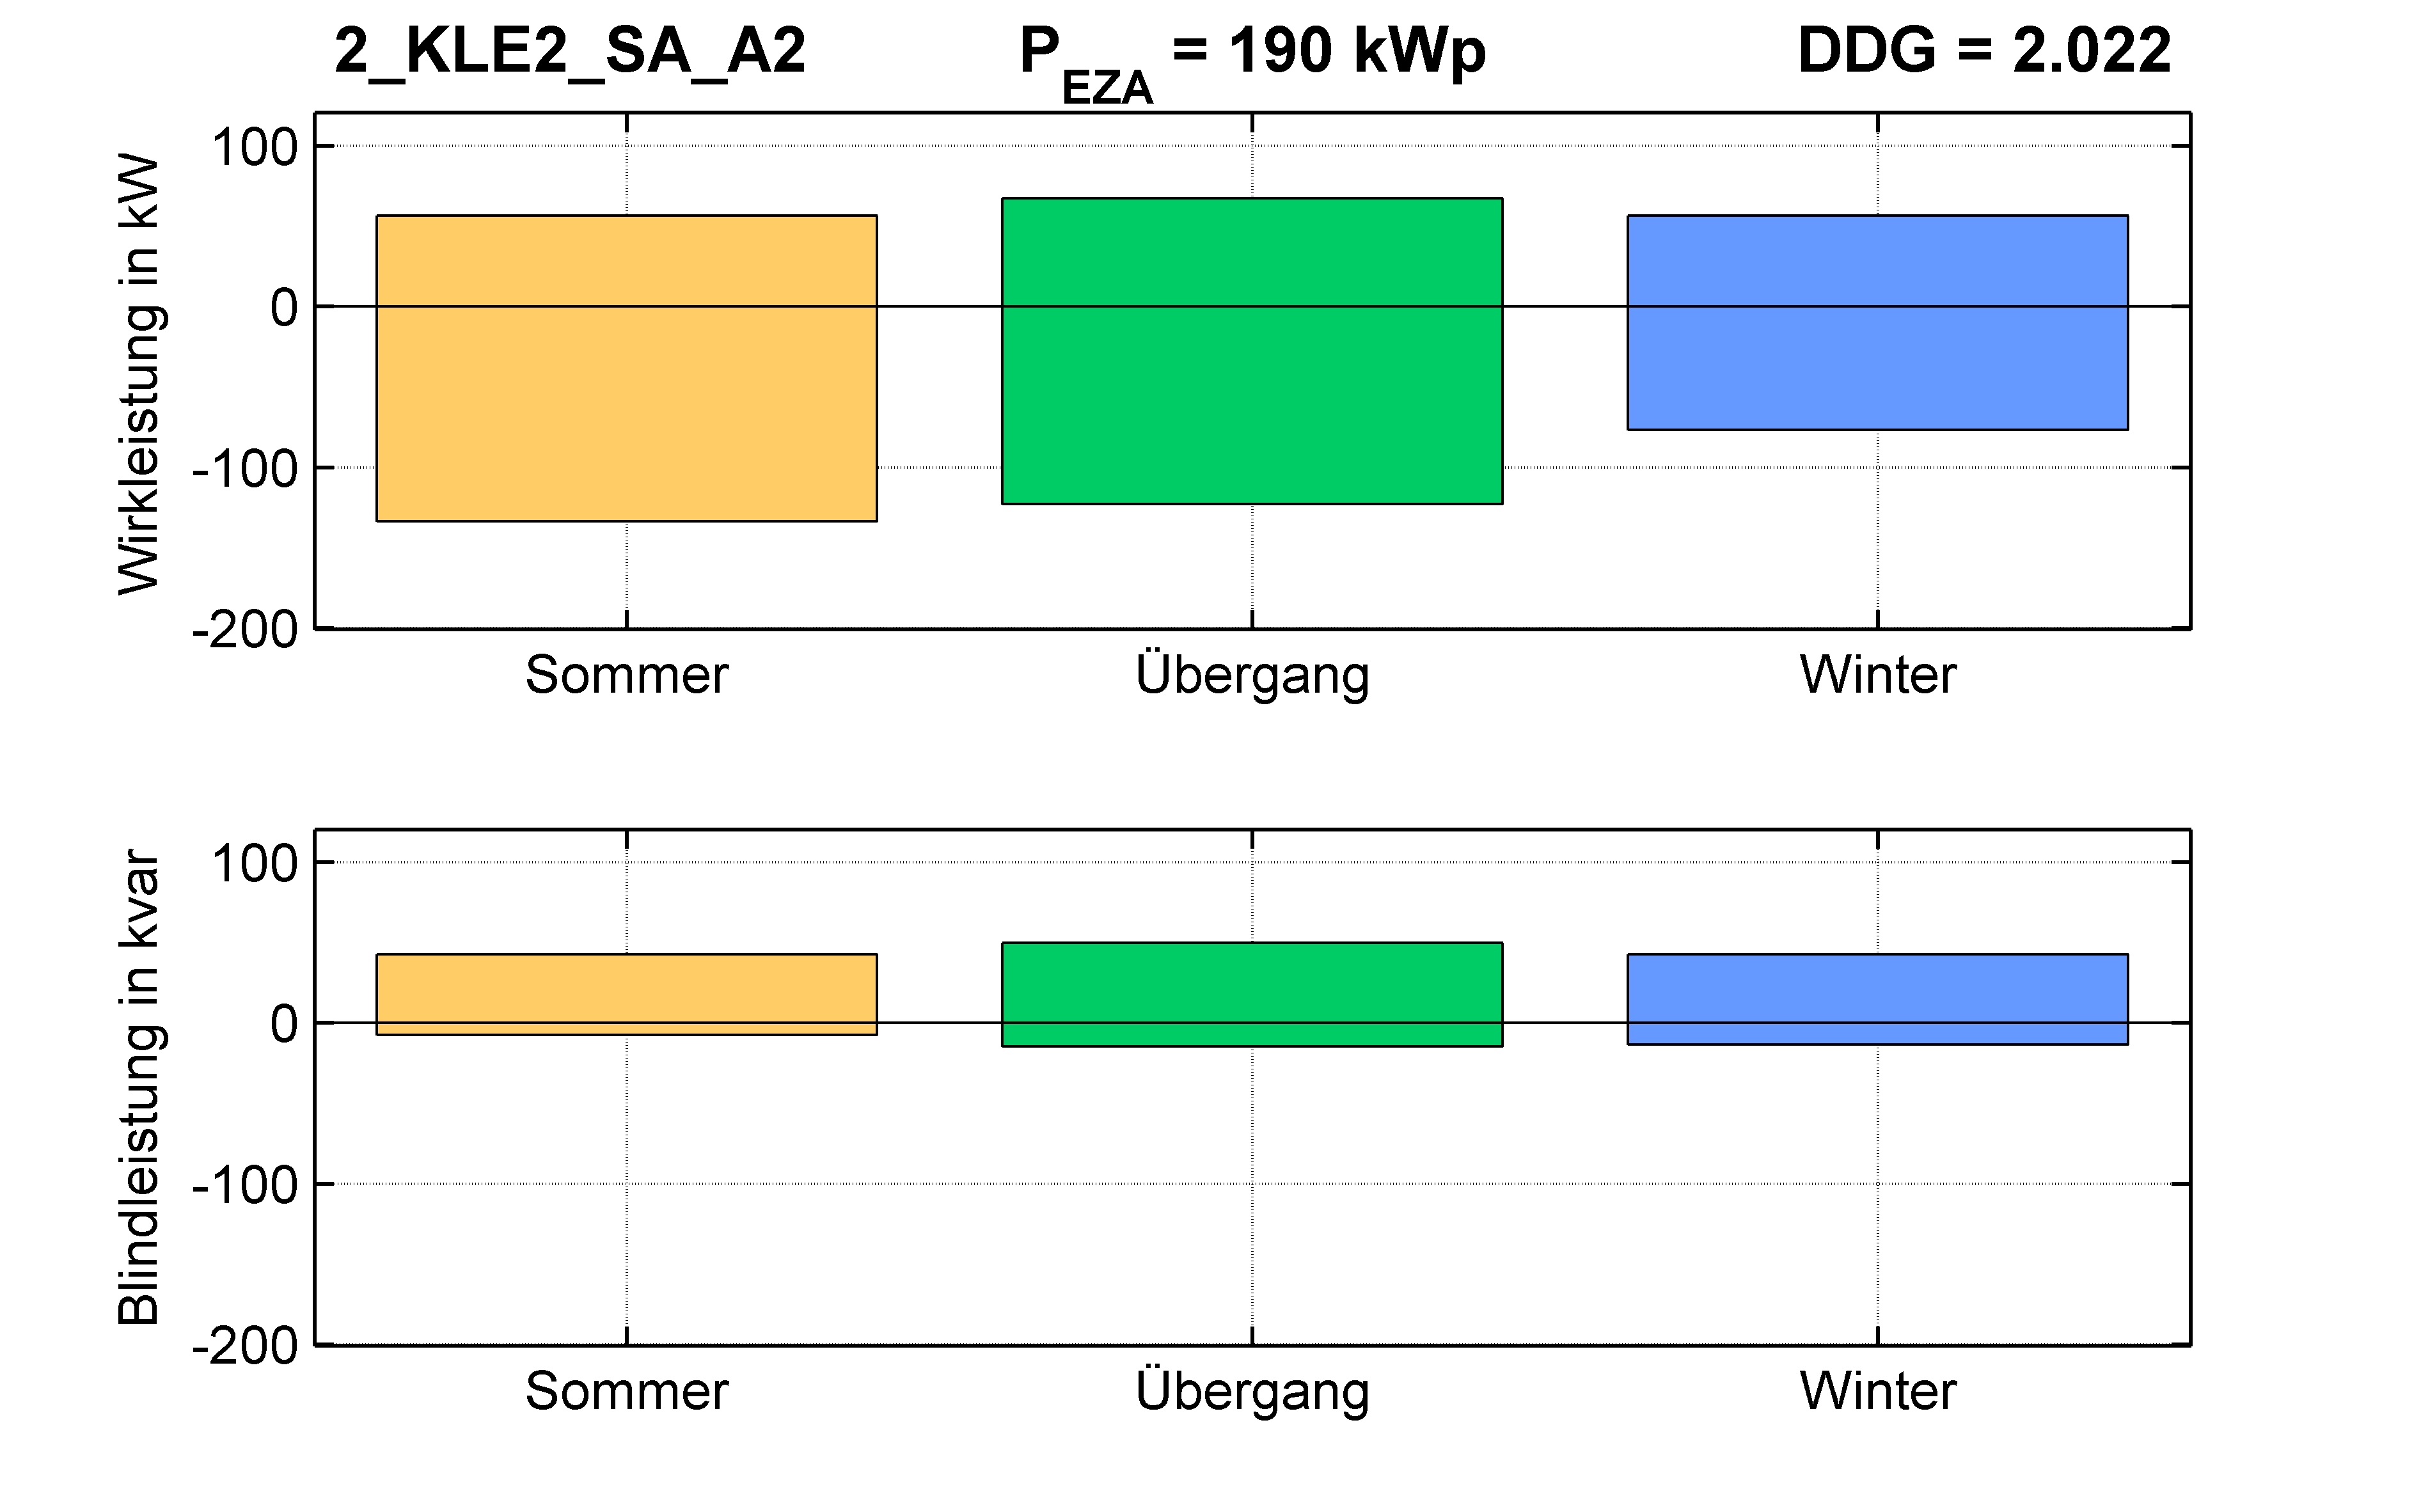 KLE2 | P-Kappung 85% (SA) A2 | PQ-Bilanz